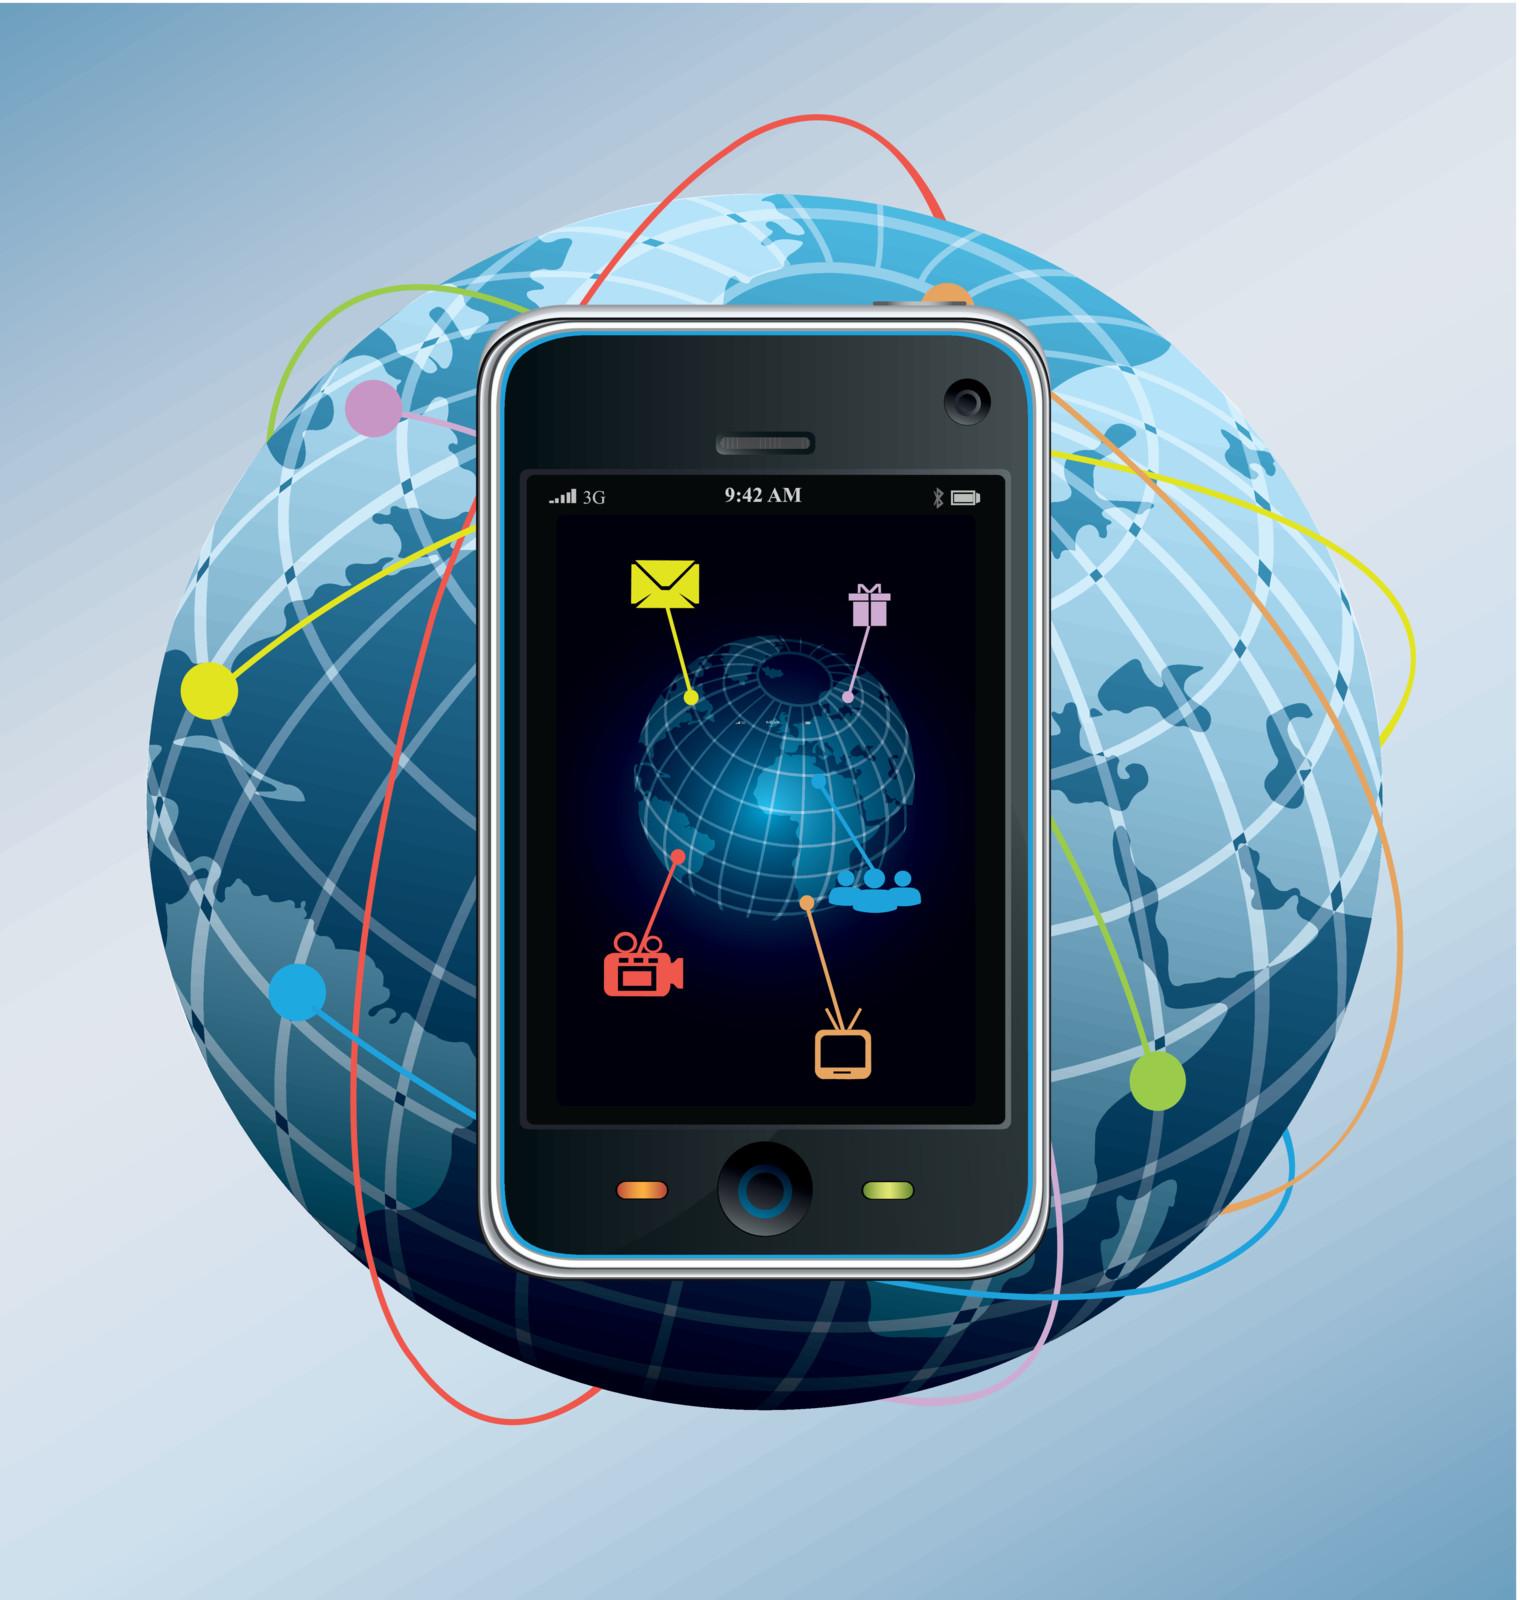 【Android】Wi-Fiテザリングの問題を機内モードで解決できる場合がある